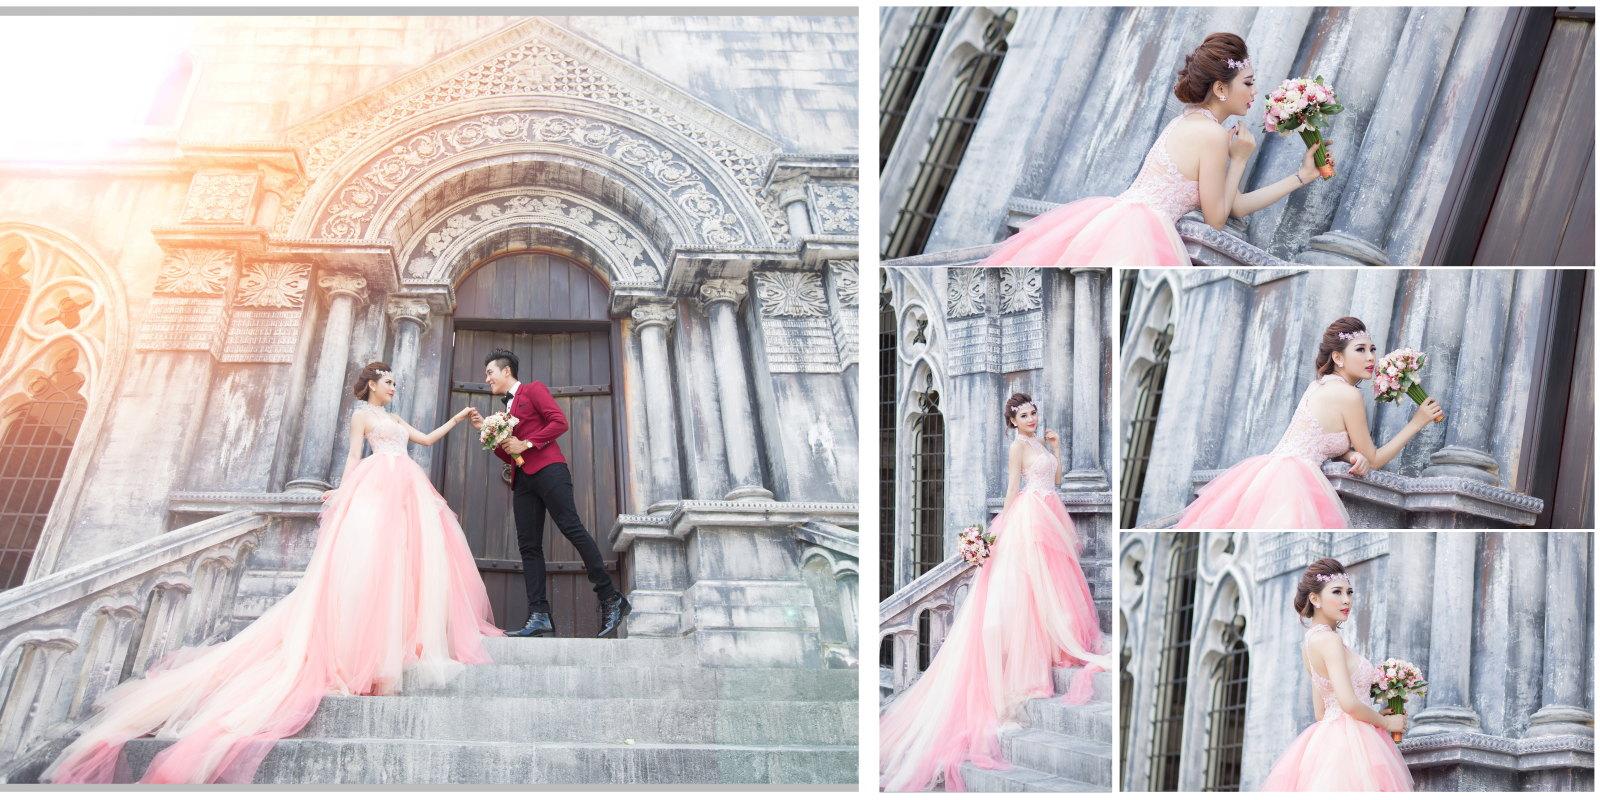 Chụp hình cưới phim trường đẹp trong sài gòn